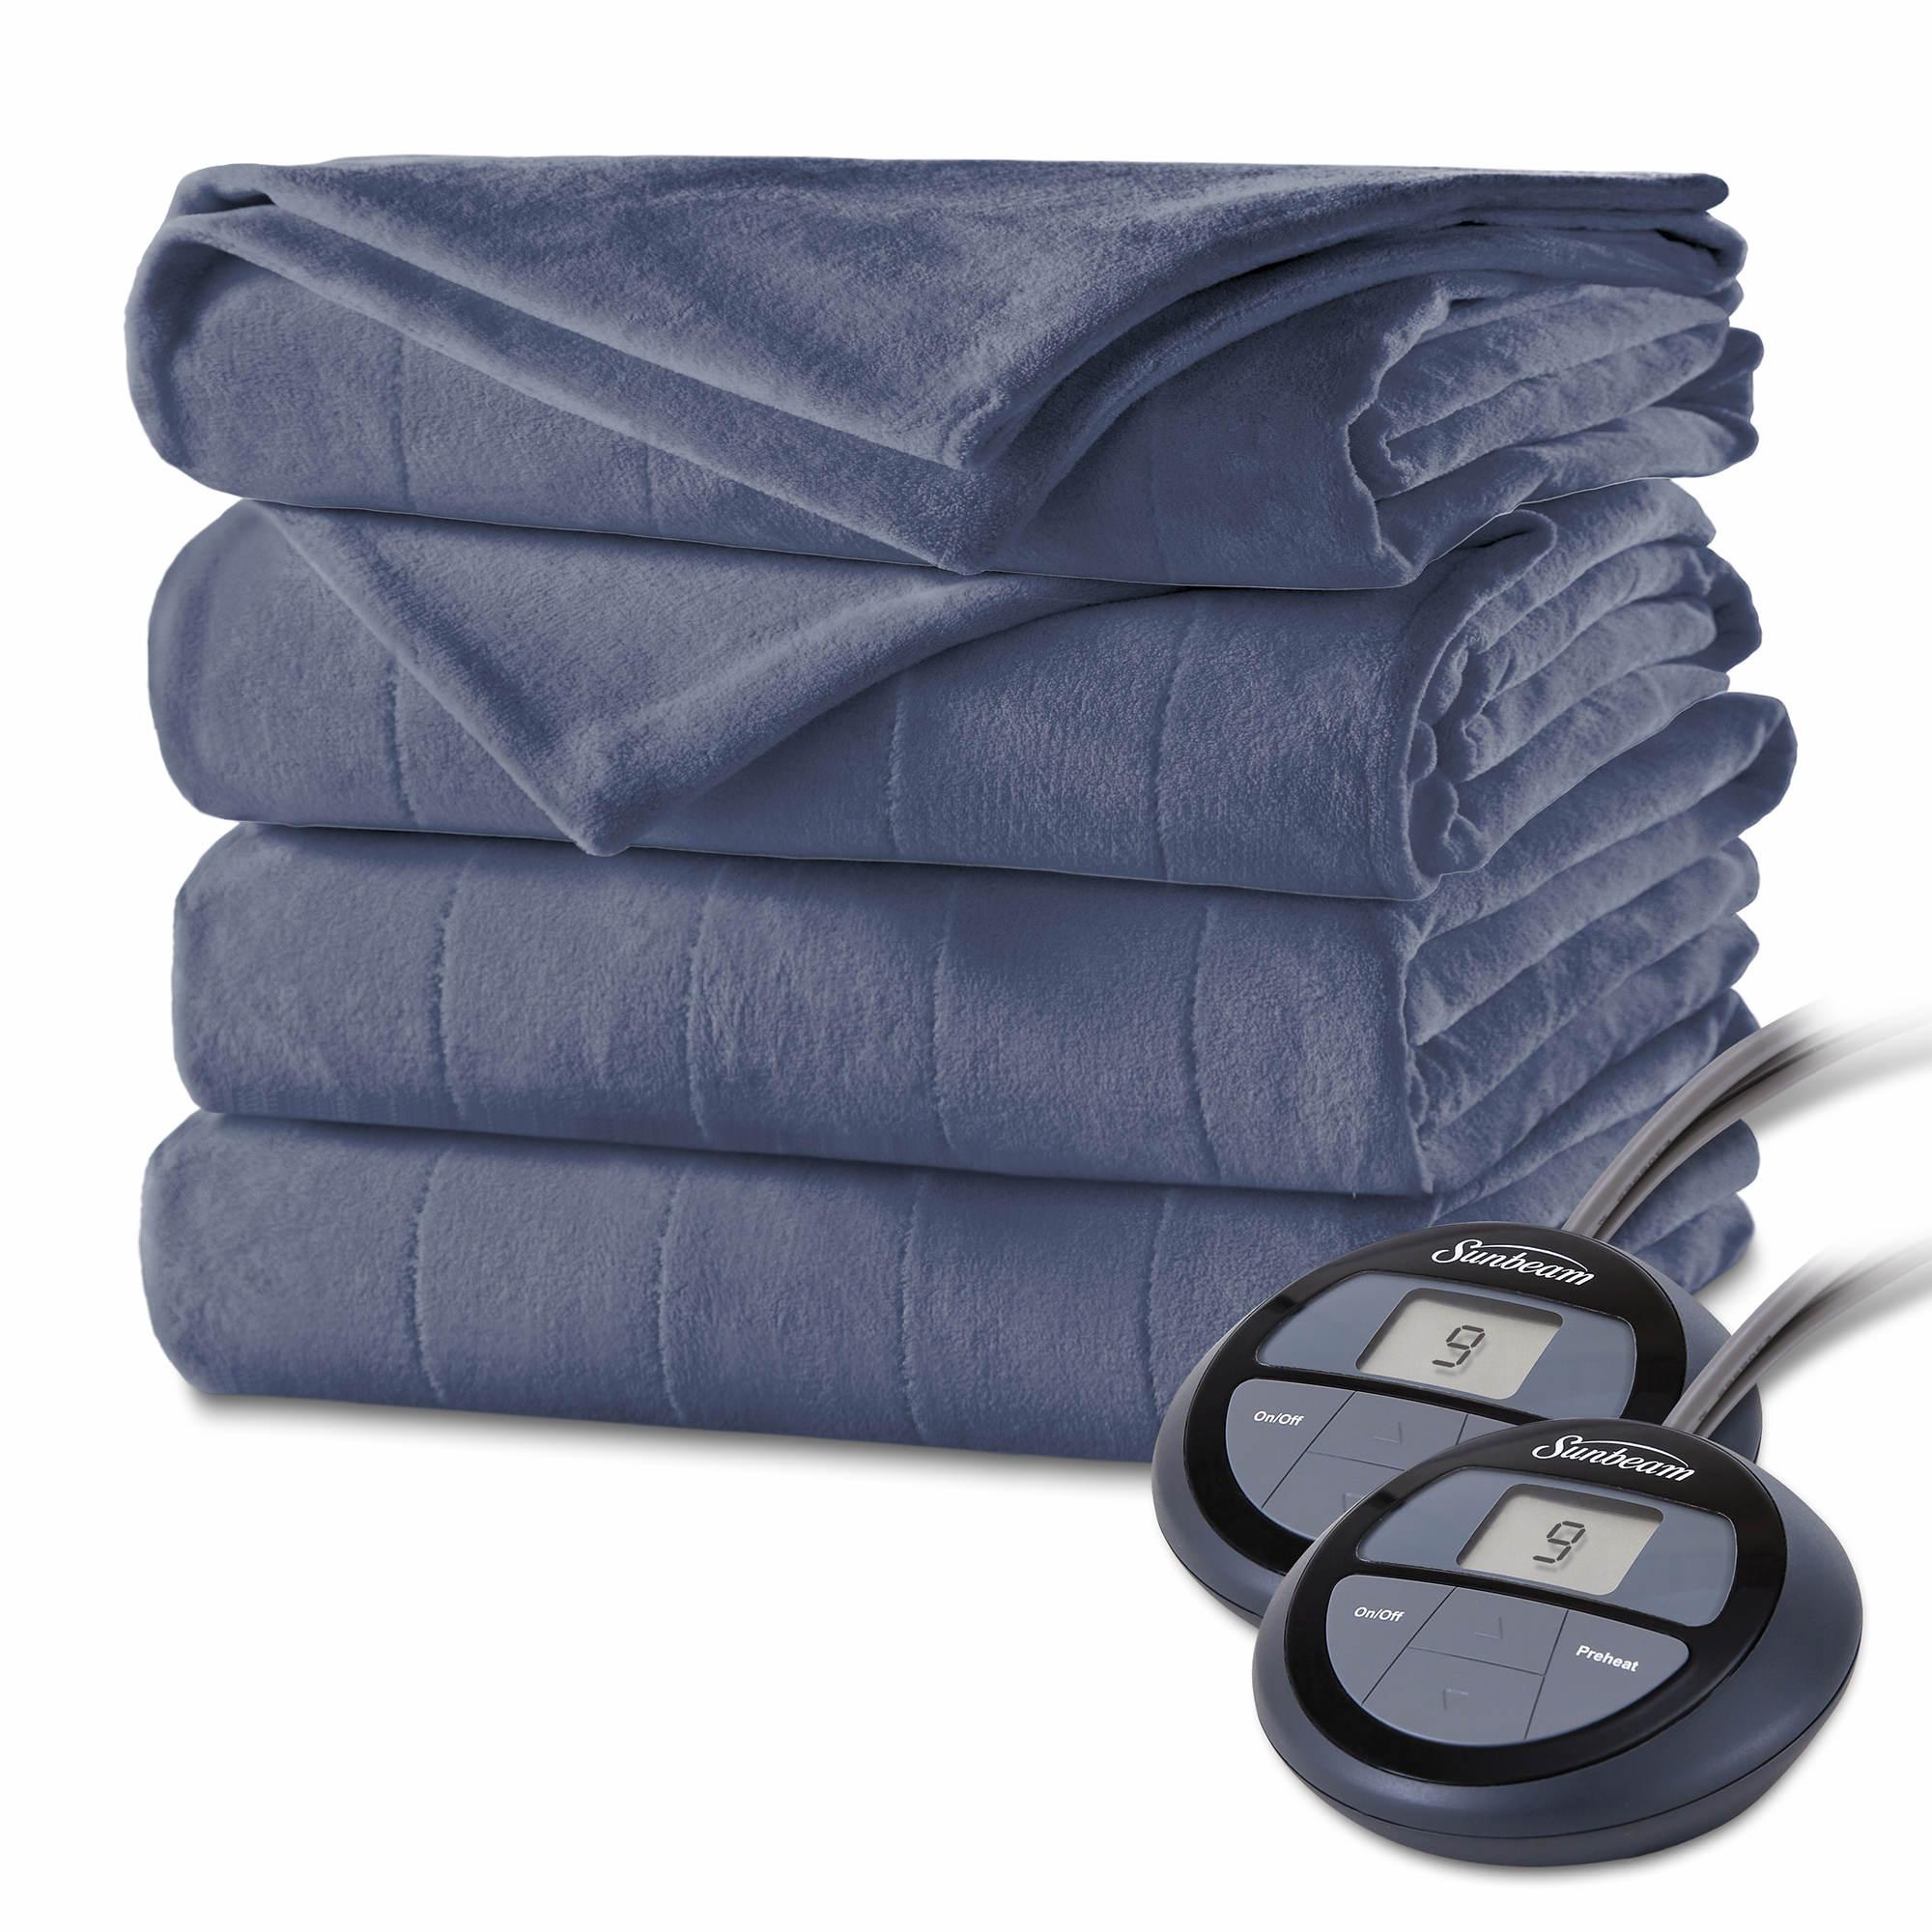 Sunbeam Fullqueen Size Velvet Plush Heated Blanket Assorted Bjs